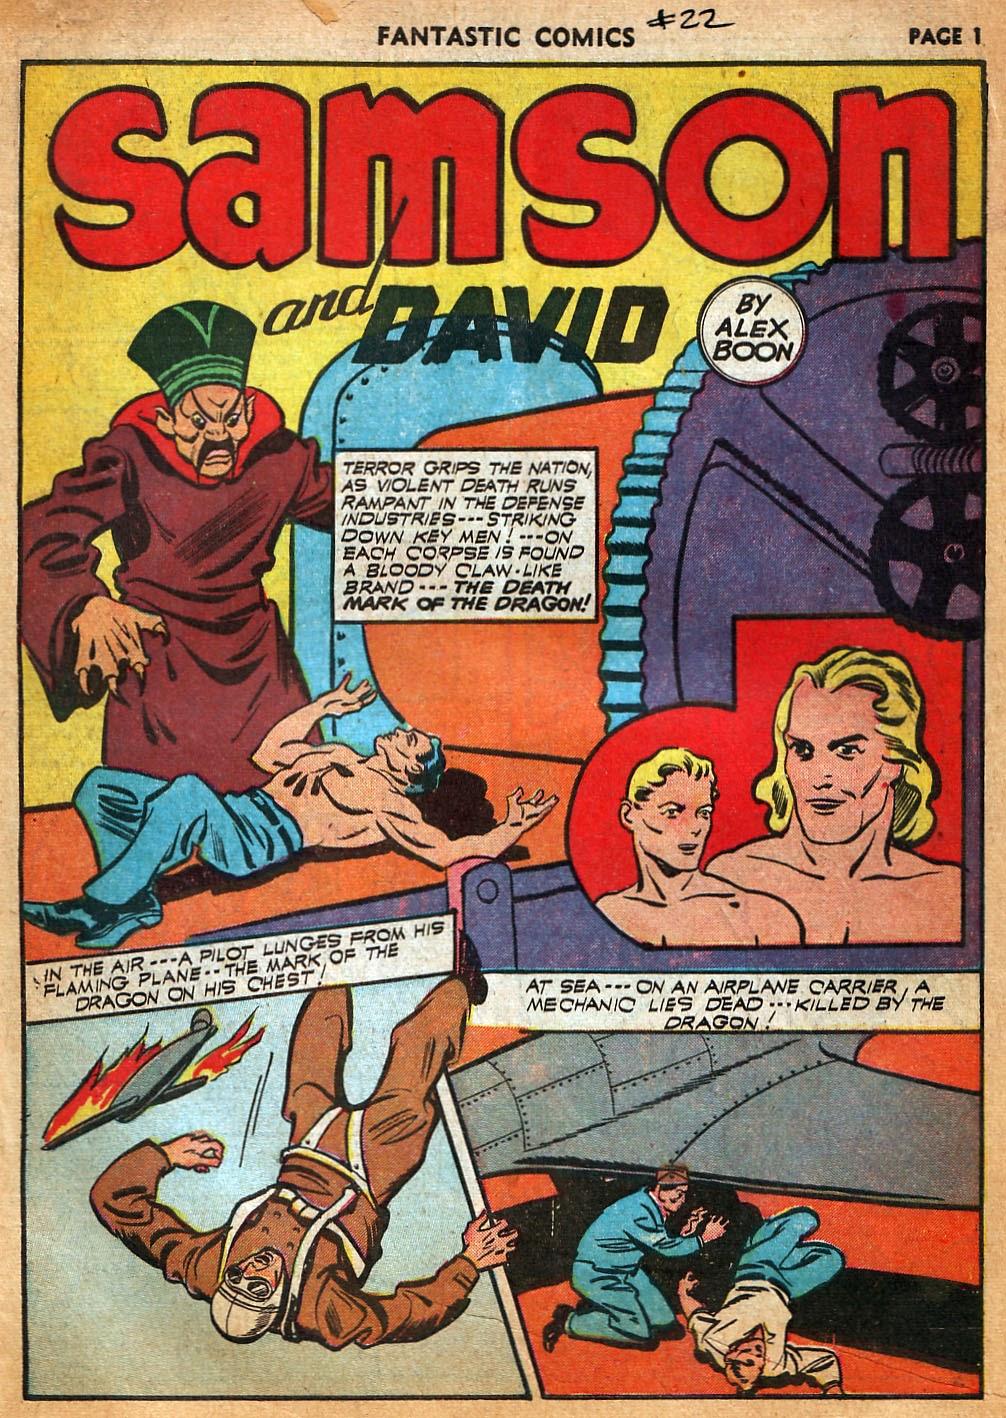 Read online Fantastic Comics comic -  Issue #22 - 3